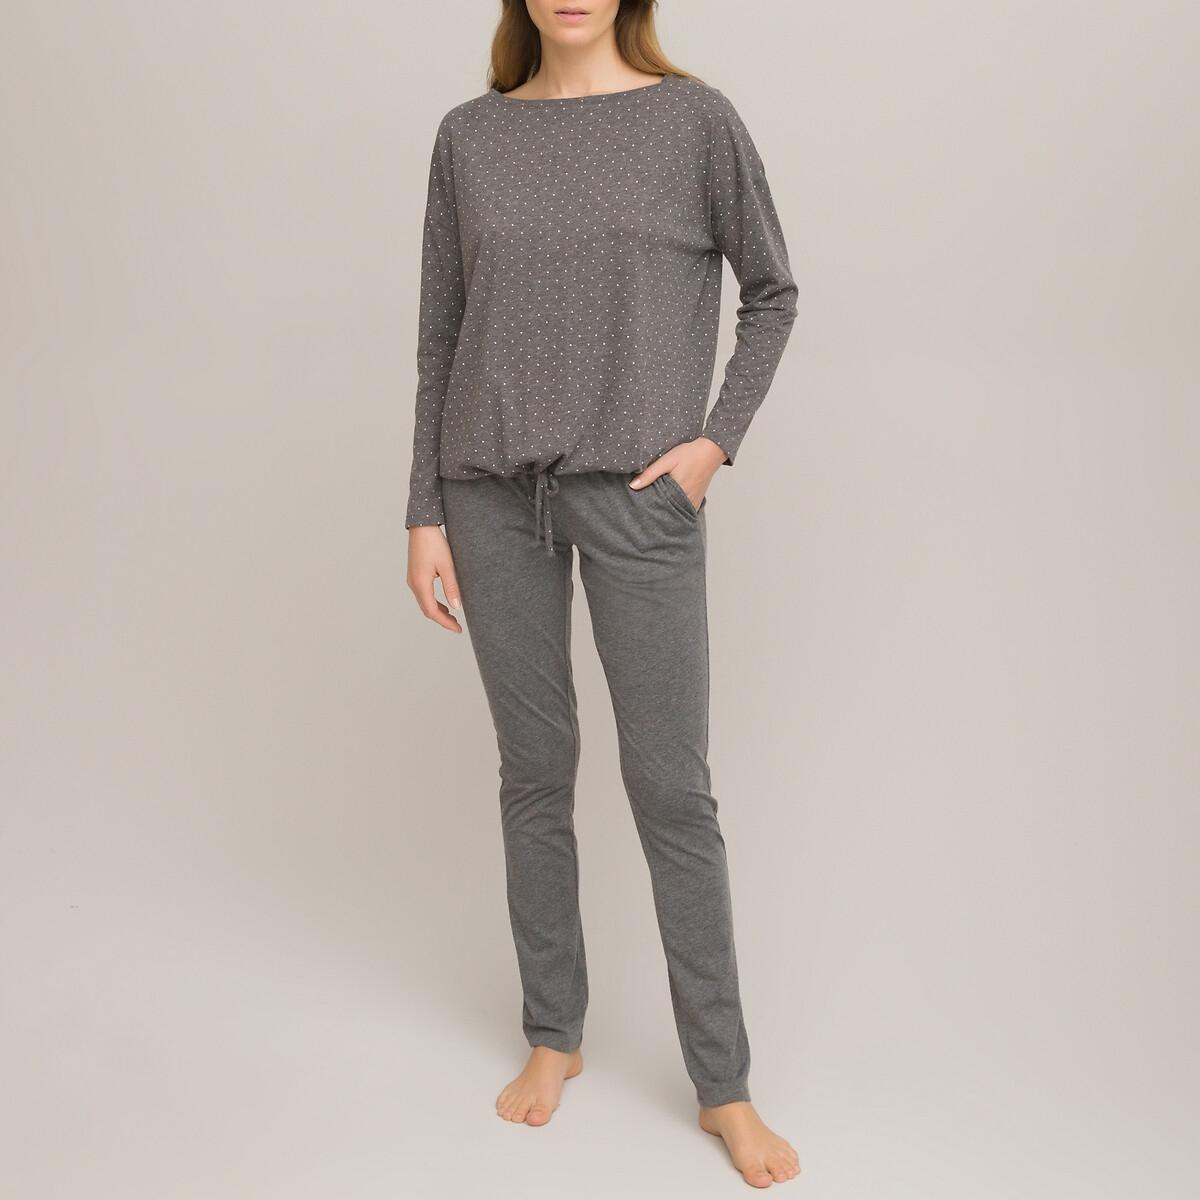 Пижама LaRedoute Из трикотажа с длинными рукавами 46/48 (FR) - 52/54 (RUS) черный футболка laredoute с длинными рукавами из хлопкового джерси xxl серый